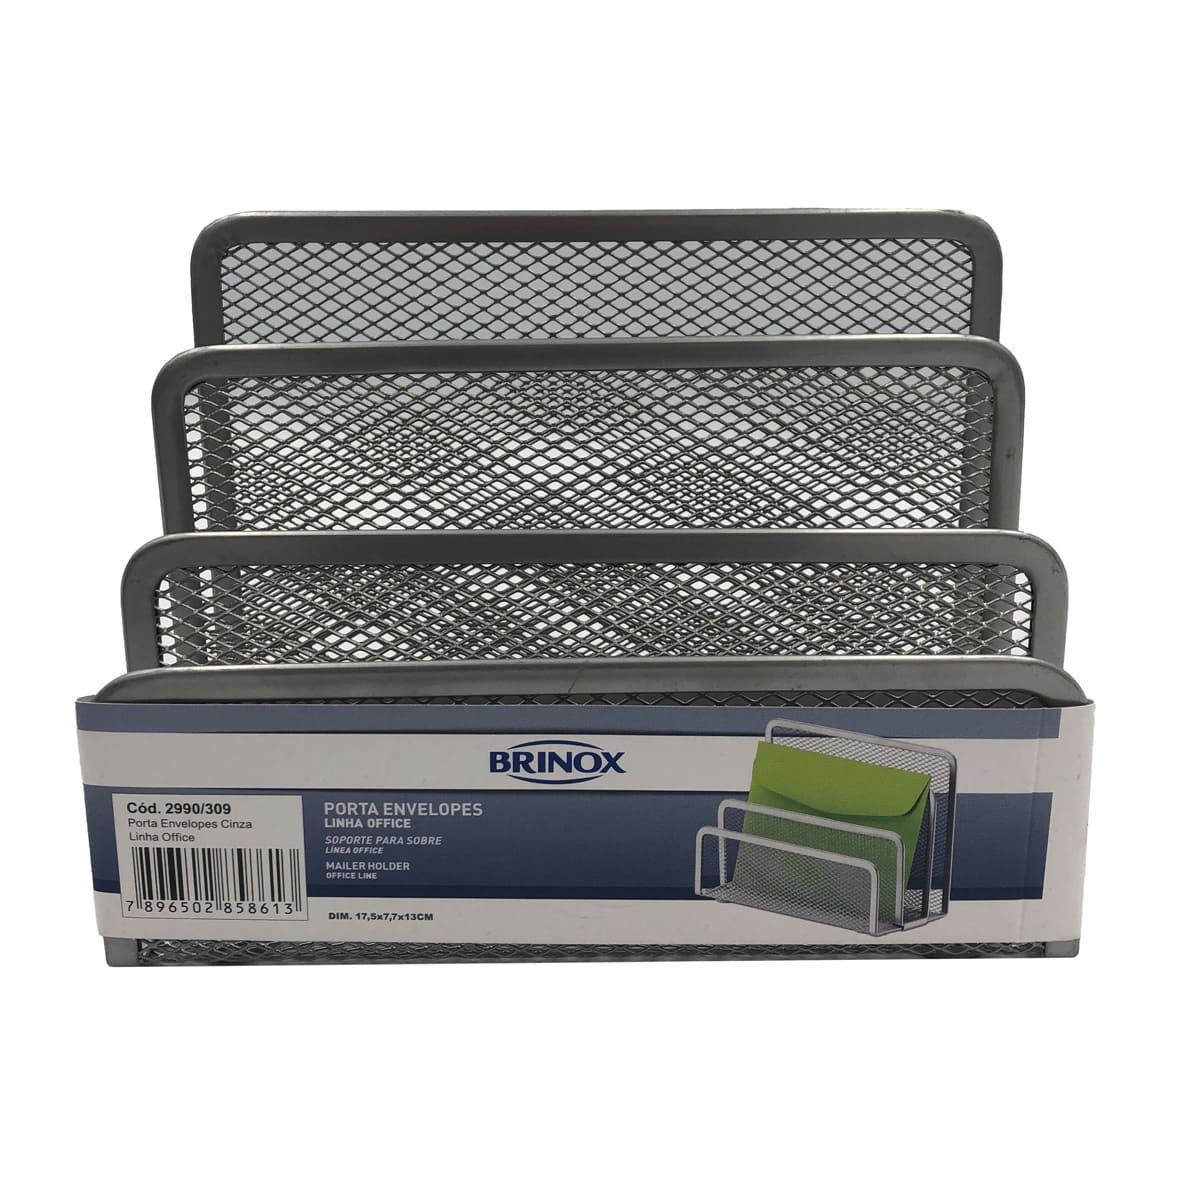 Organizador Porta Envelopes Office Cinza 2990/309 Brinox